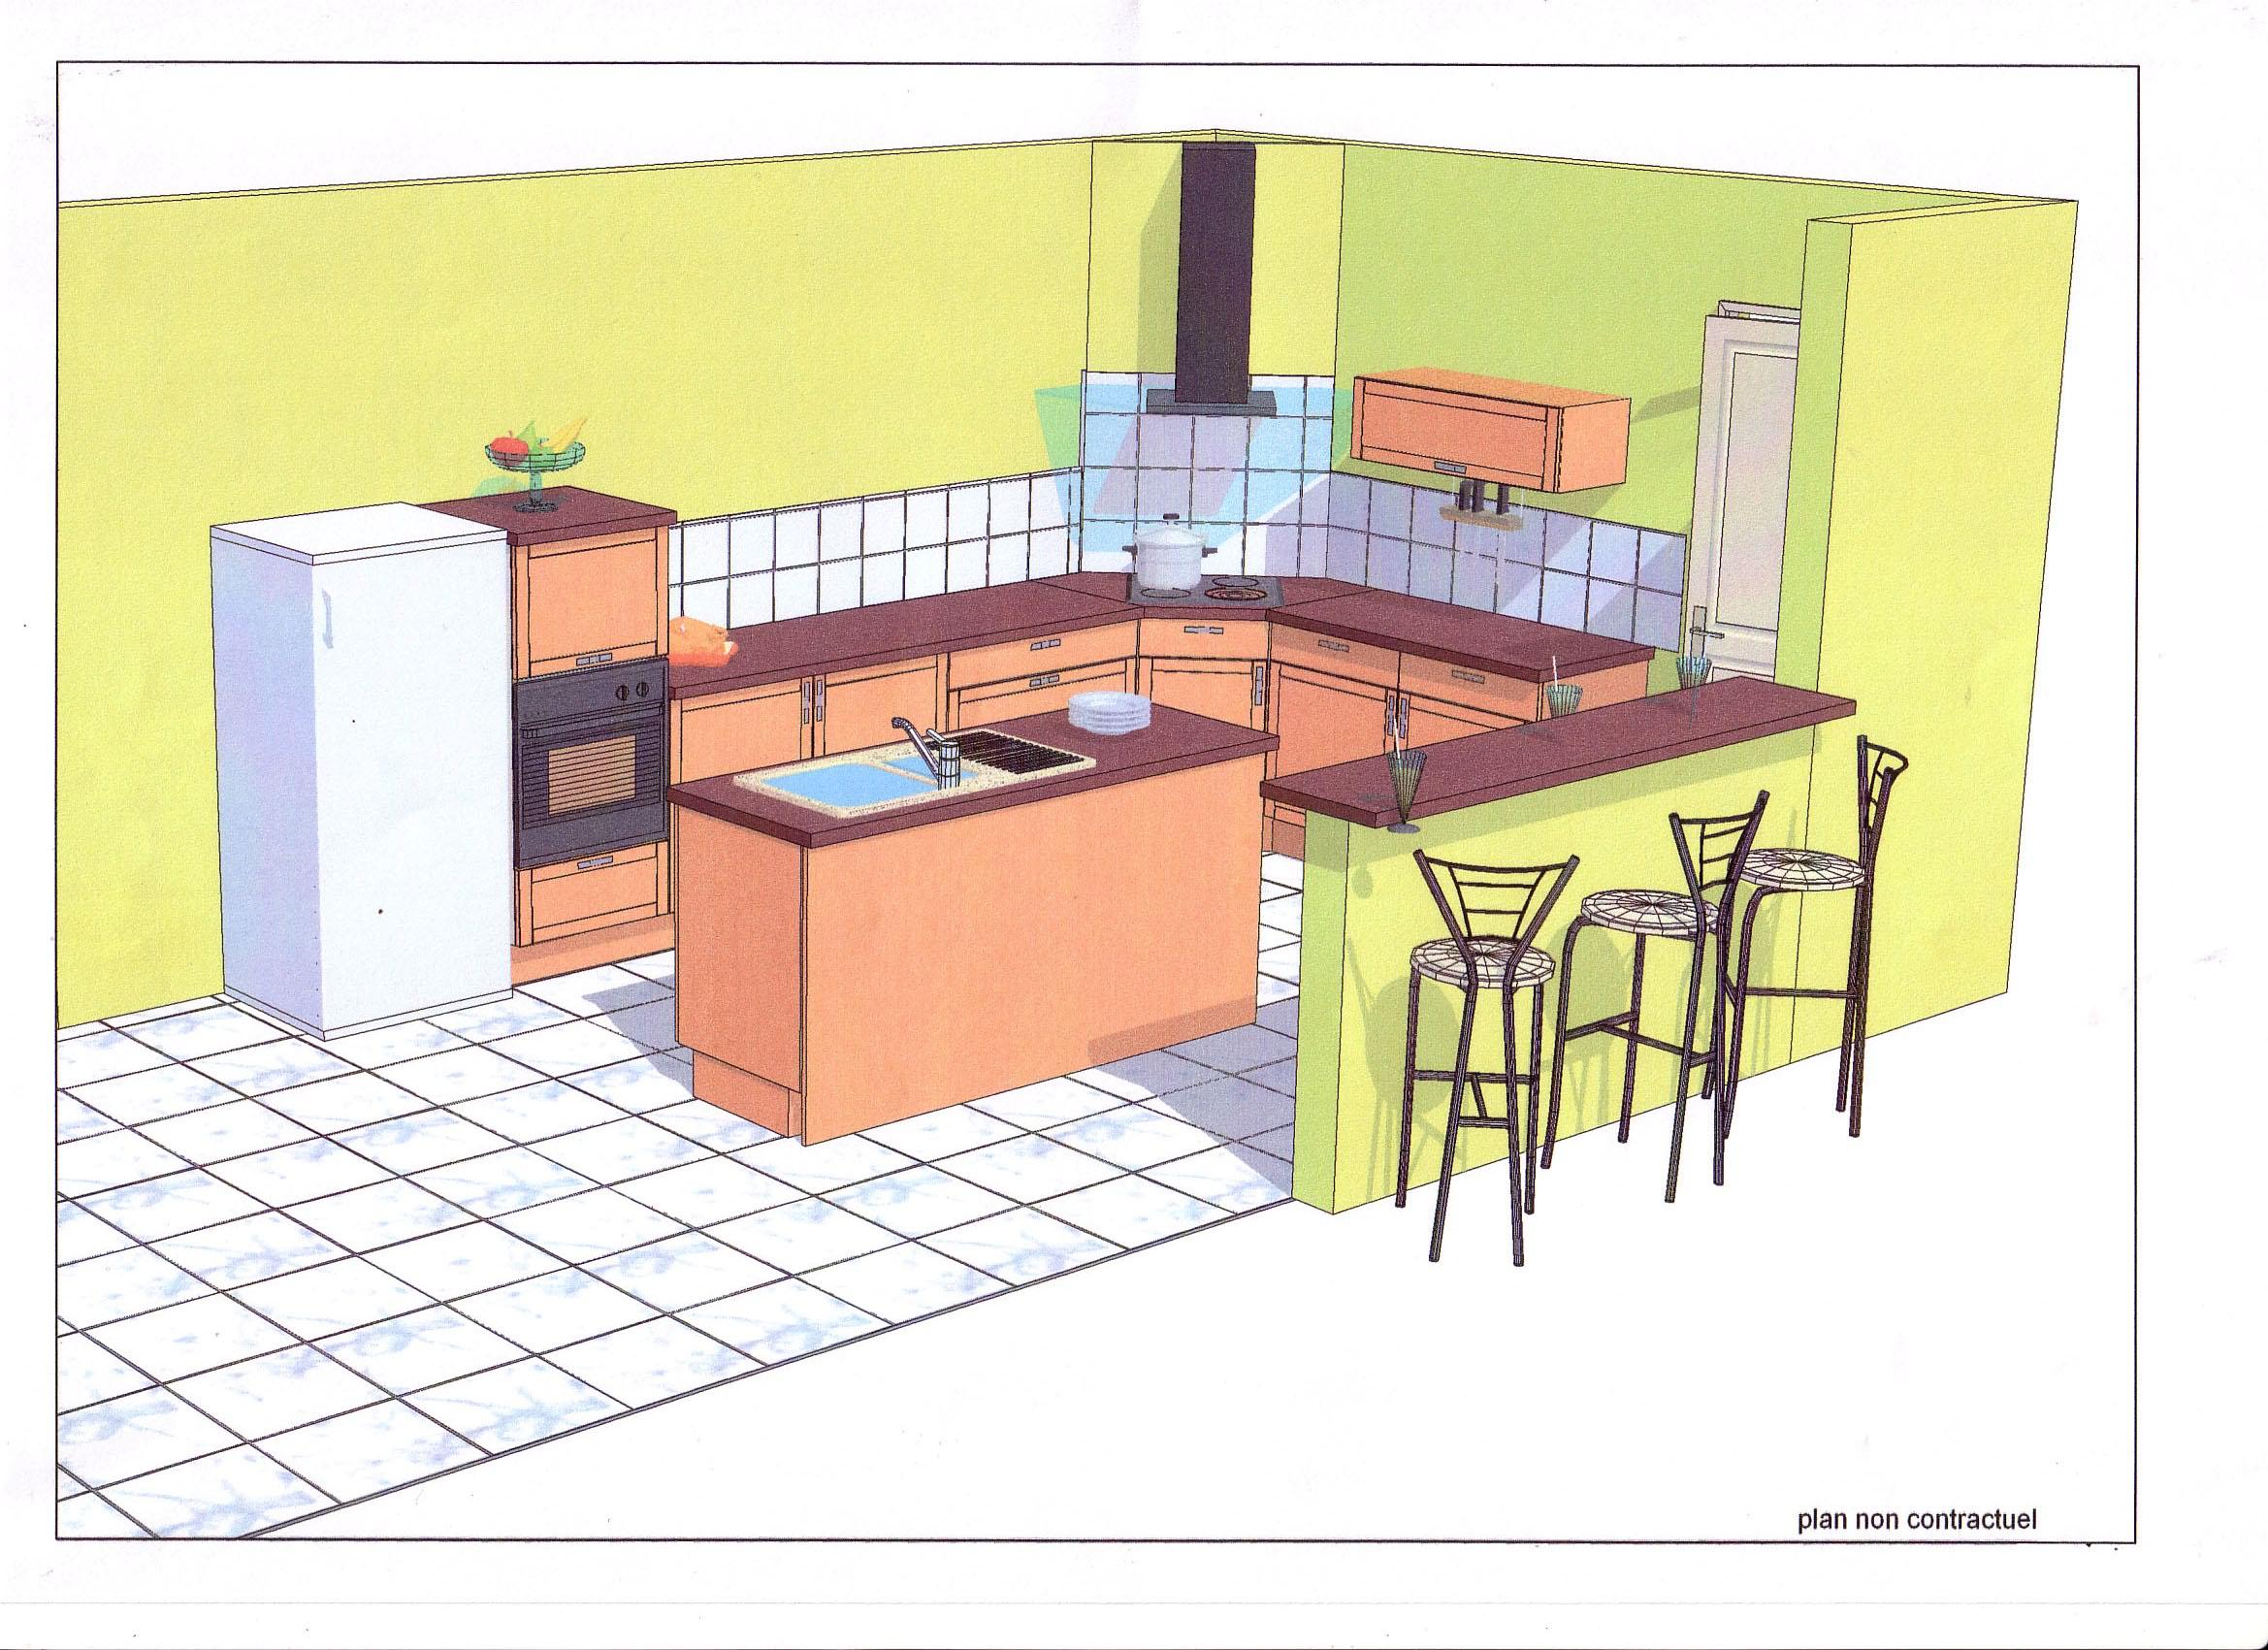 Notre projet chez cuisinella - Forum cuisinella ...